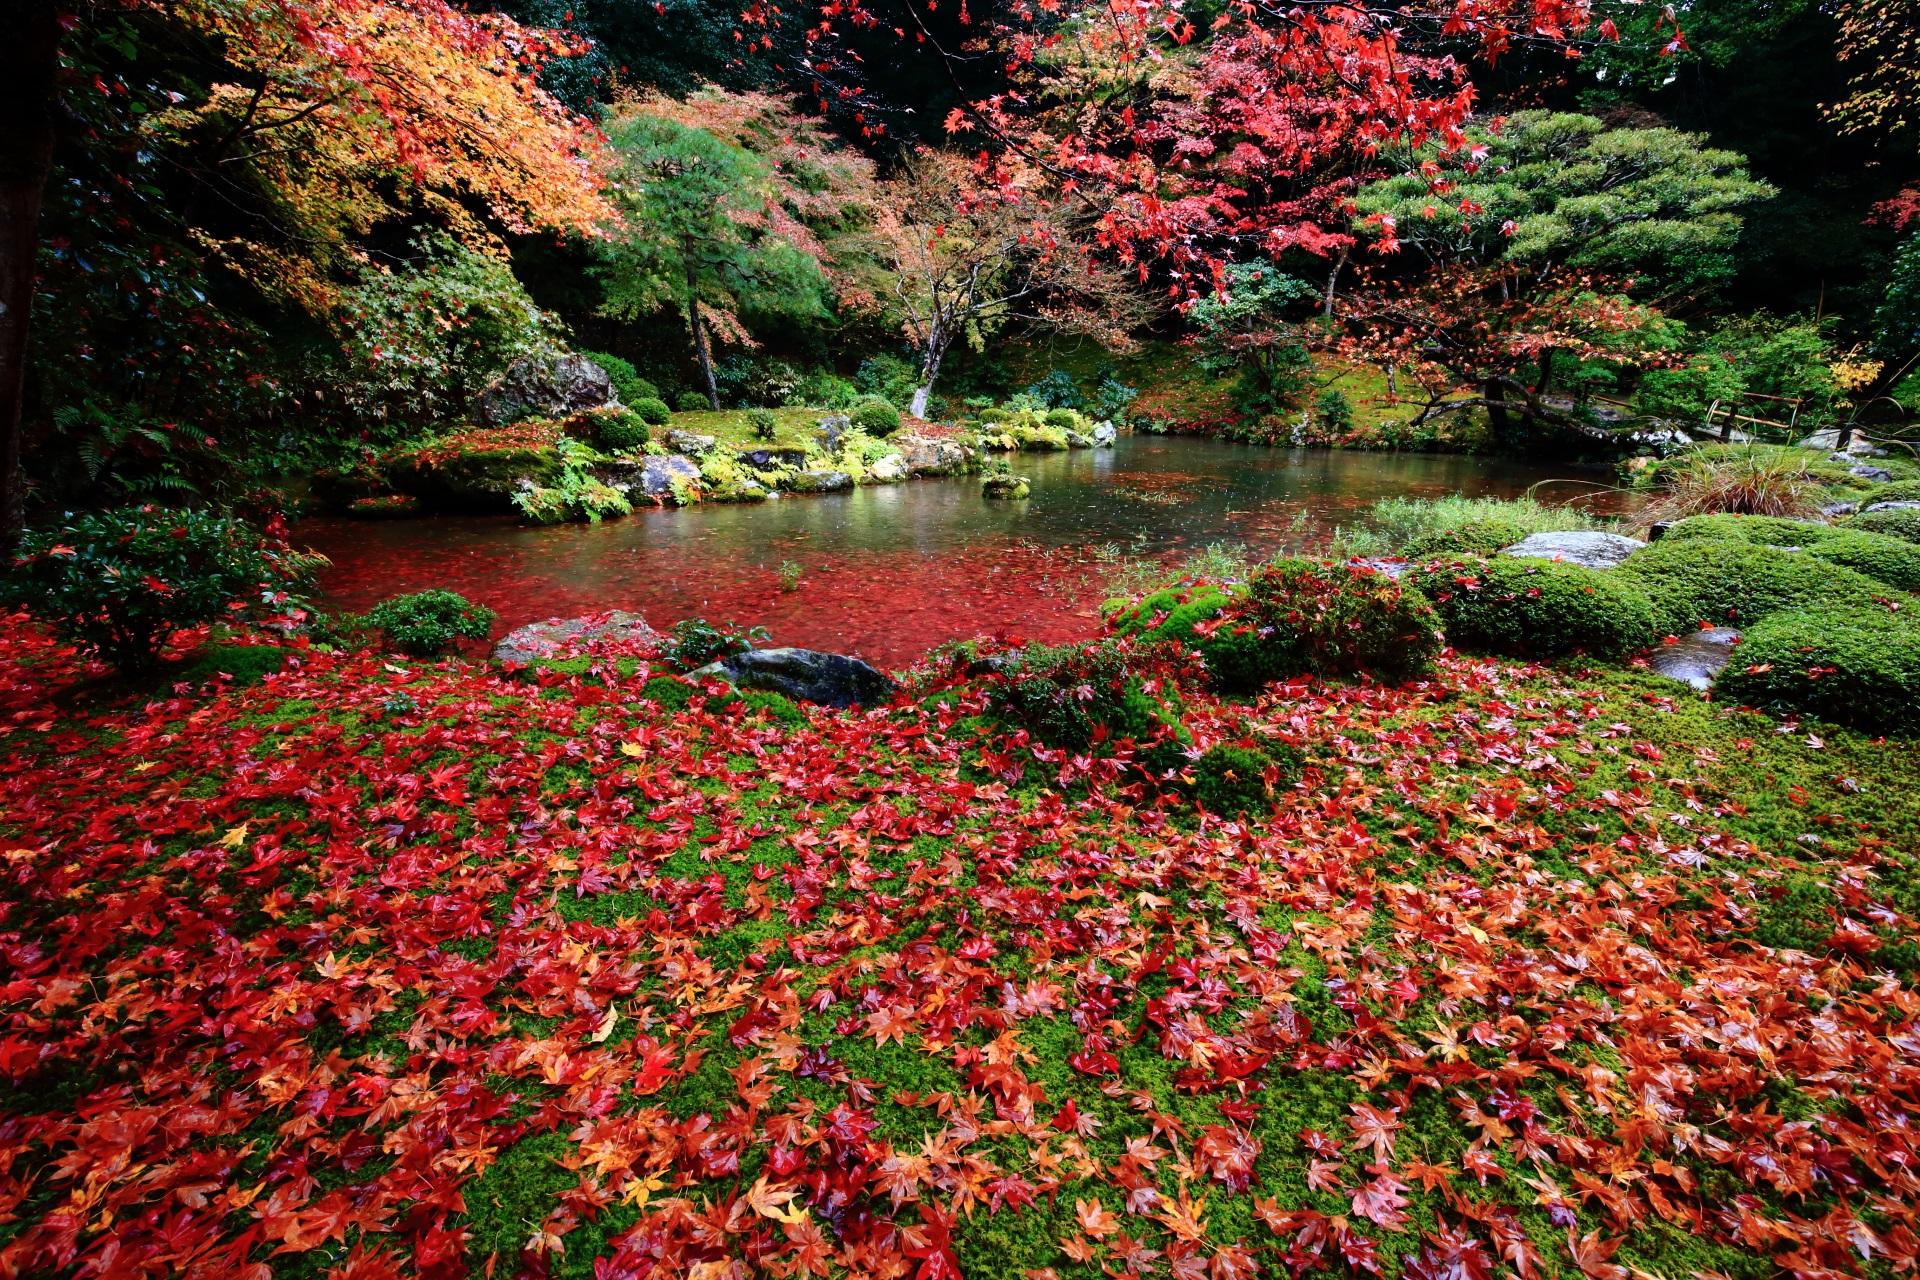 南禅院 紅葉と散りもみじ 水辺と苔を彩る絶品の秋色